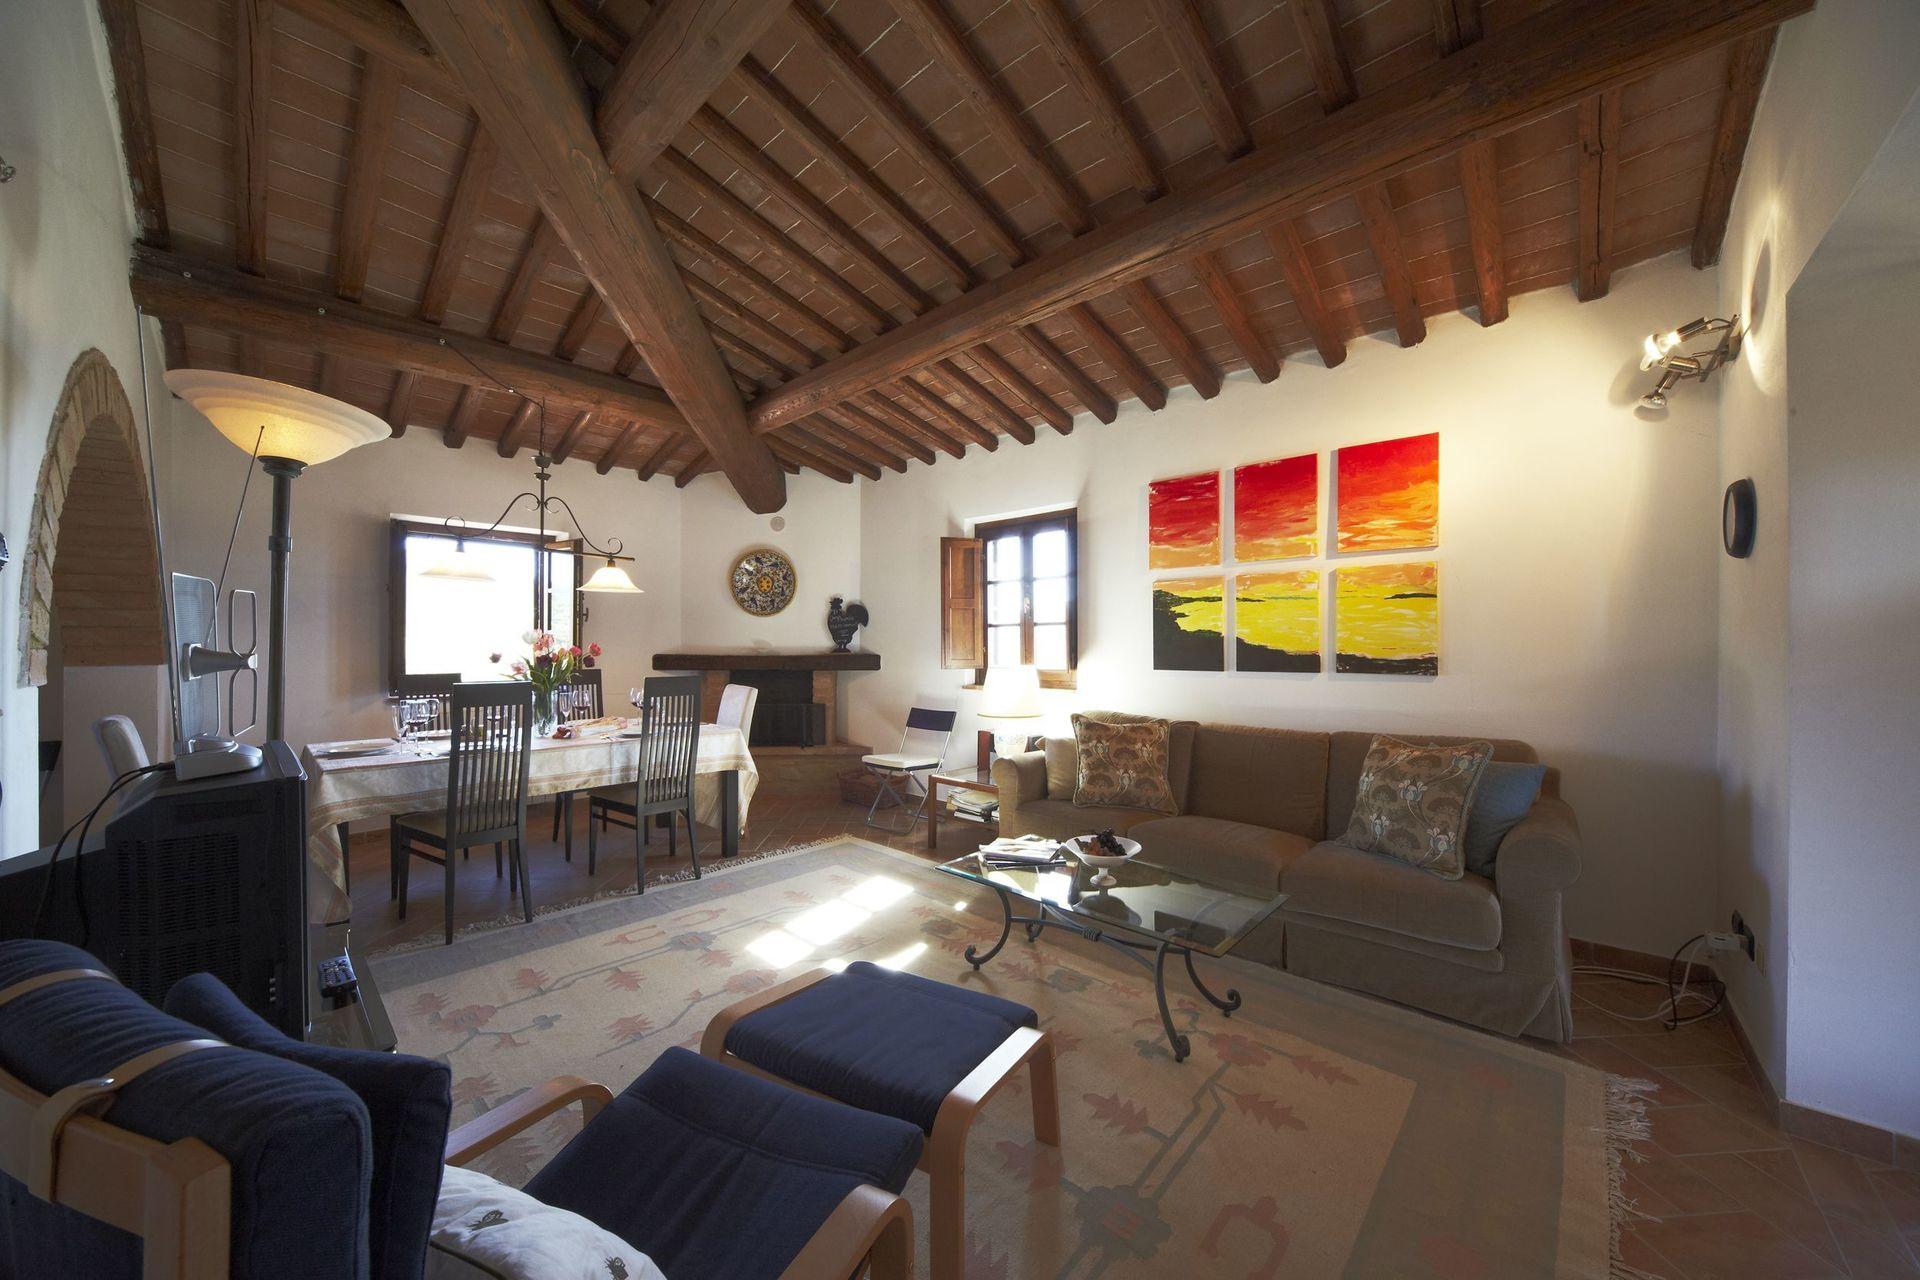 Appartamento collinella casa vacanze con 4 posti letto for Branson cabin rentals 4 camere da letto